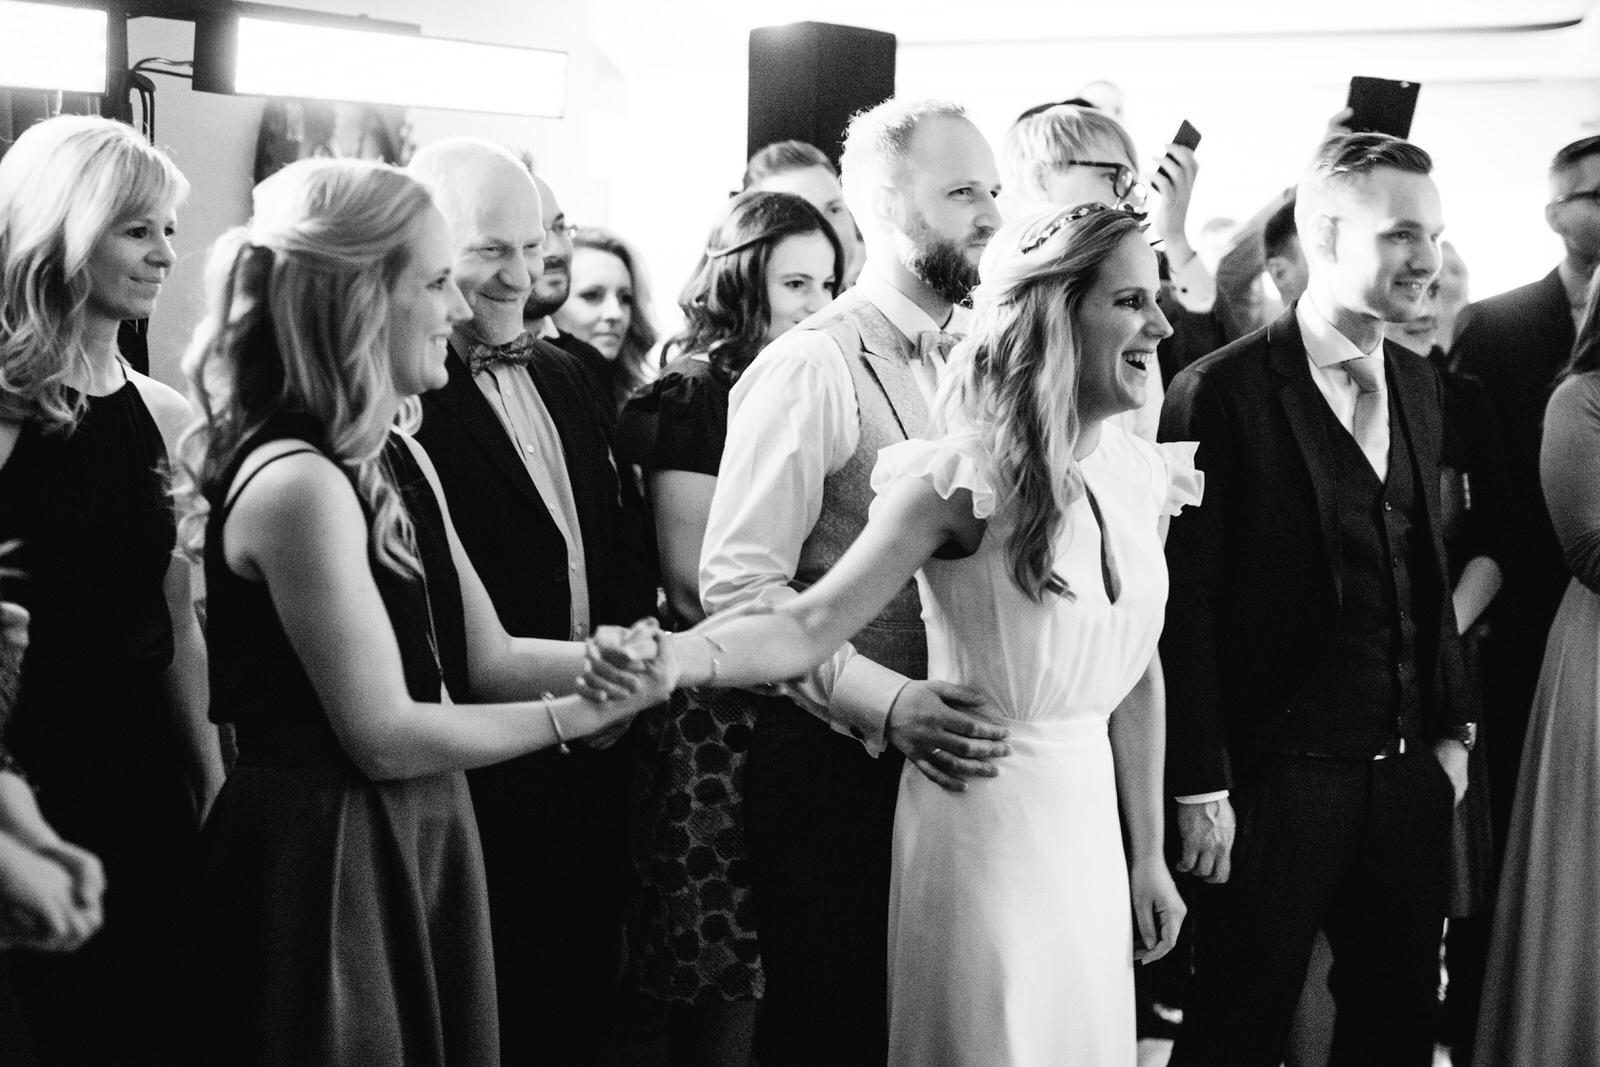 Hochzeitsfotograf_Rödental_Alte_Mühle_Alte_Orangerie_Schloss_Rosenau_100227268.JPG